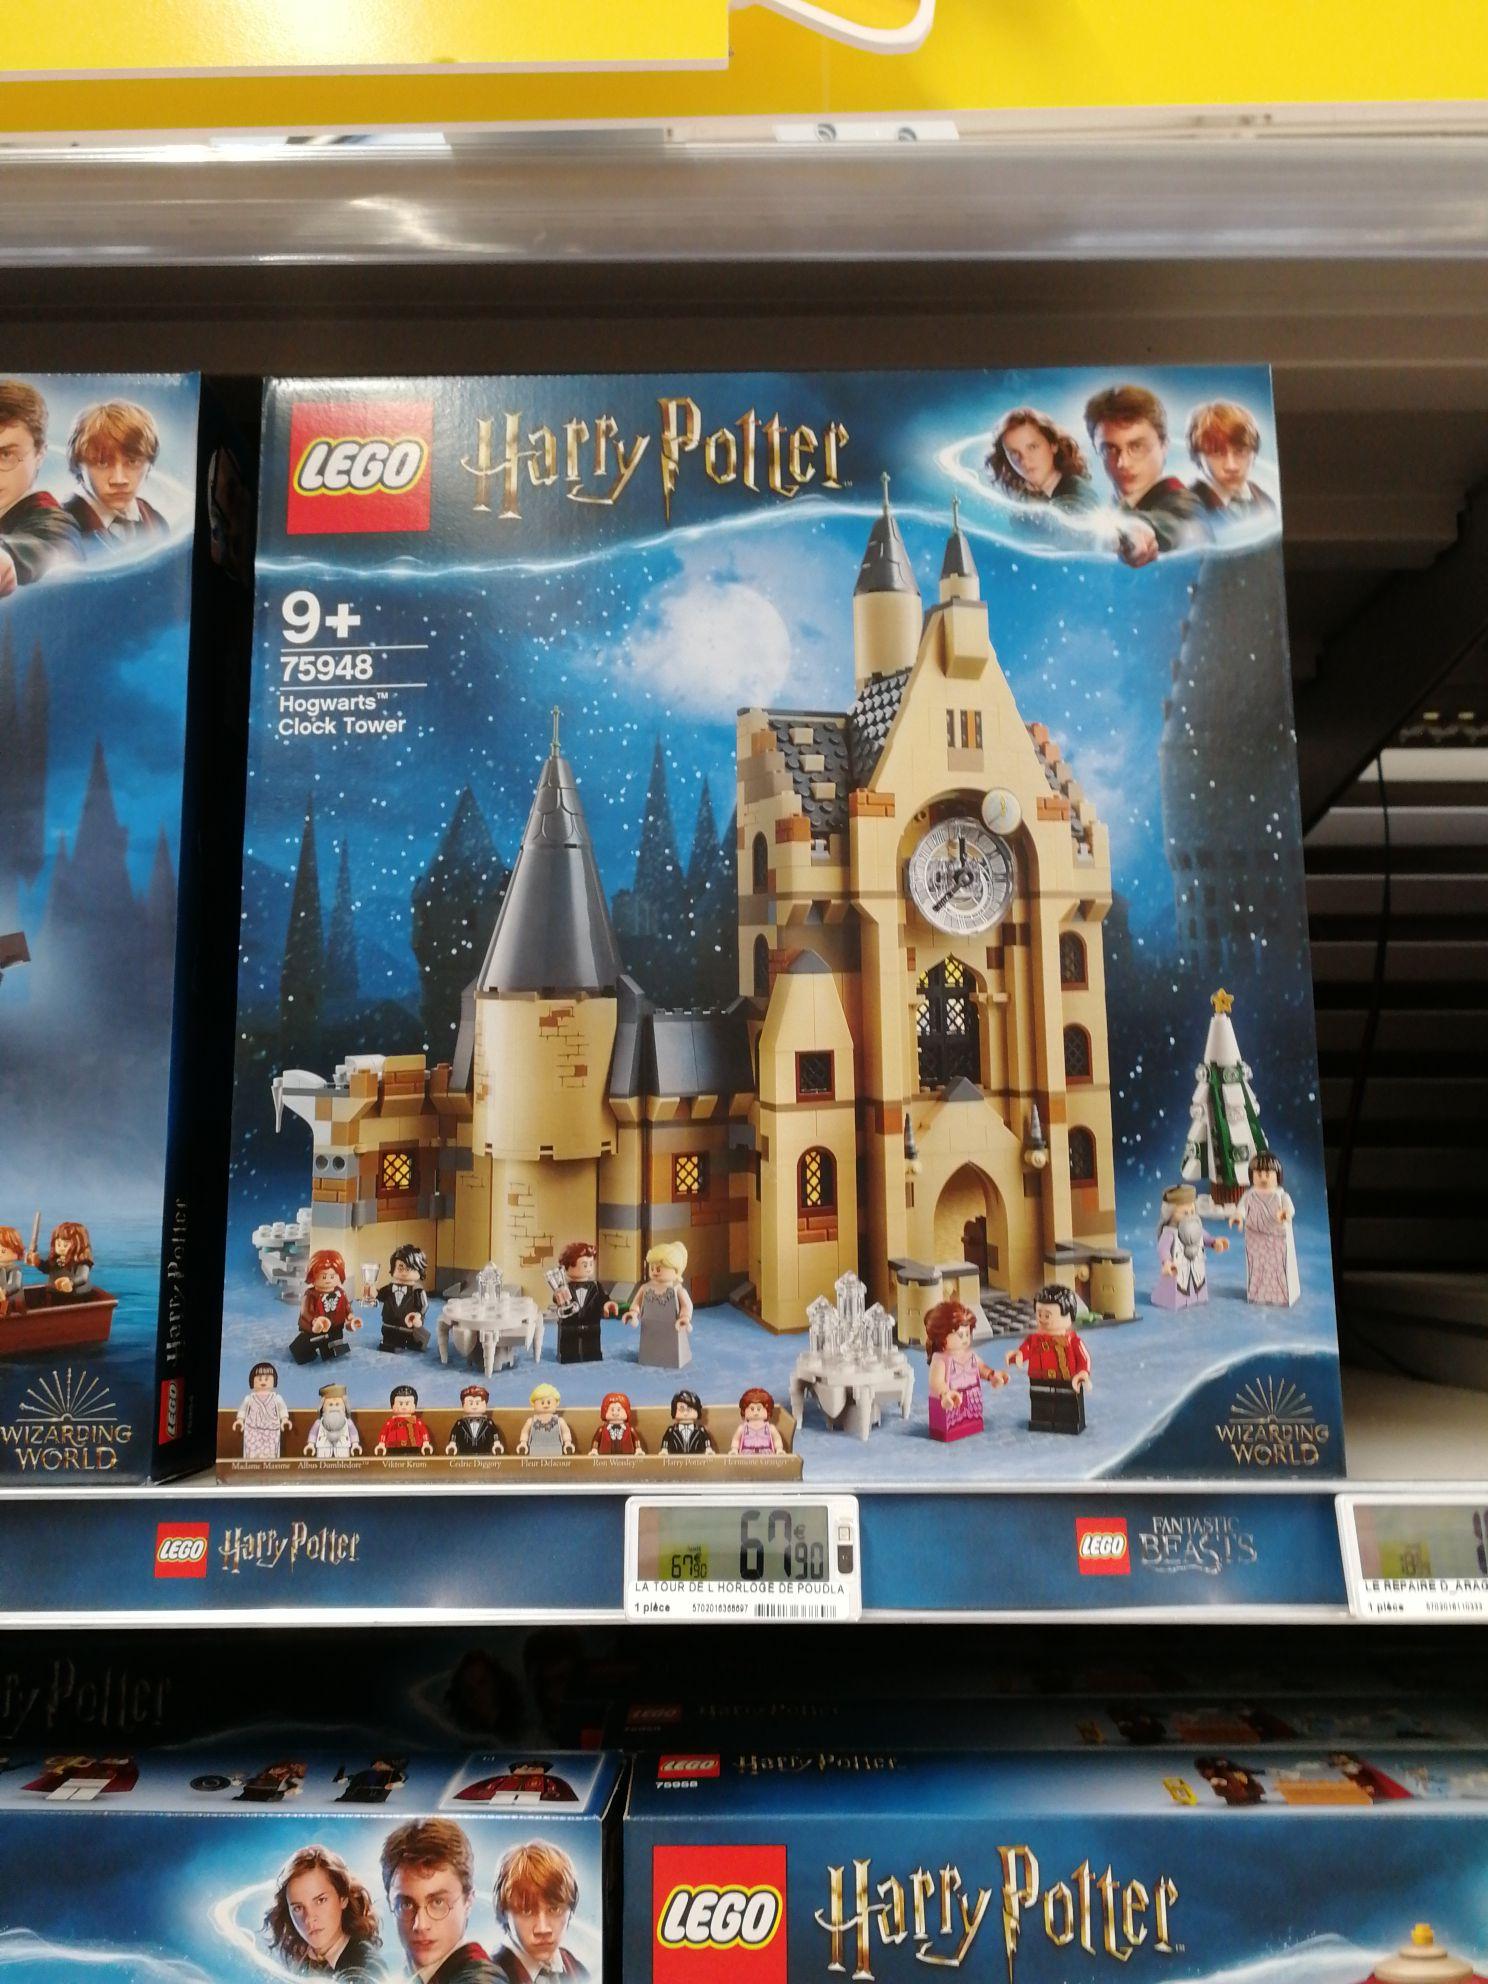 Jeu de construction Lego Harry Potter La tour de l'horloge de Poudlard 75948 - La ville-du-Bois (91)